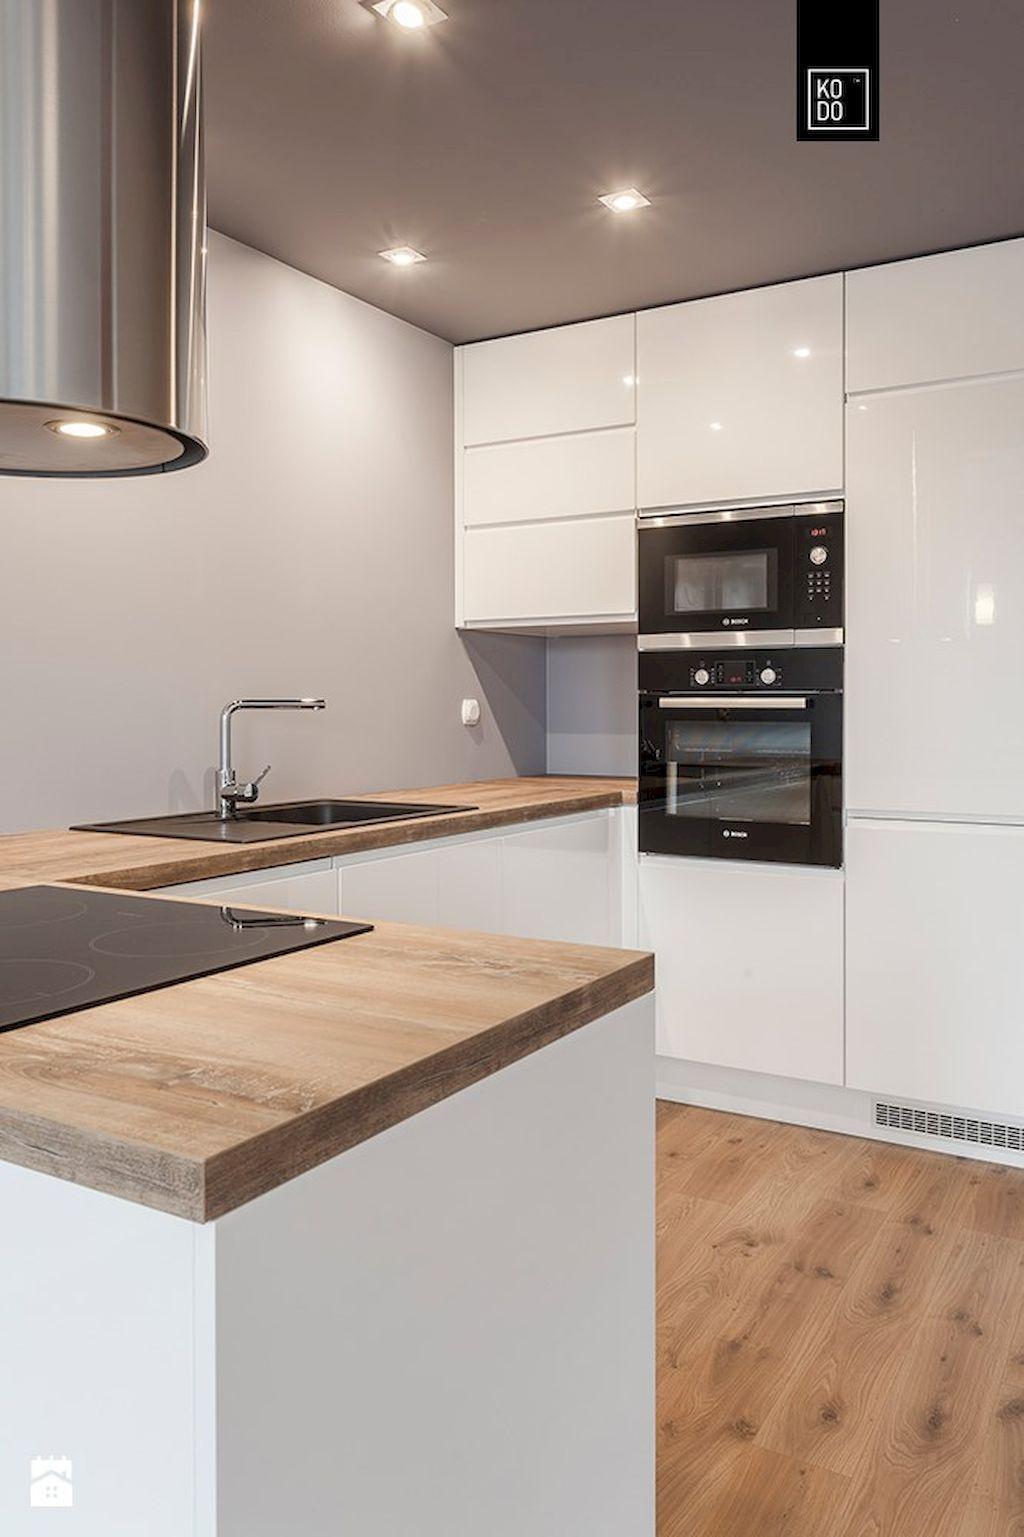 Küche Deko Ideen Für Apartments - Küche Deko-Ideen Für Ferienwohnungen – finden Sie Unmengen an Informationen über Möbel sowie D...  #Küchen #smallkitchendecoratingideas